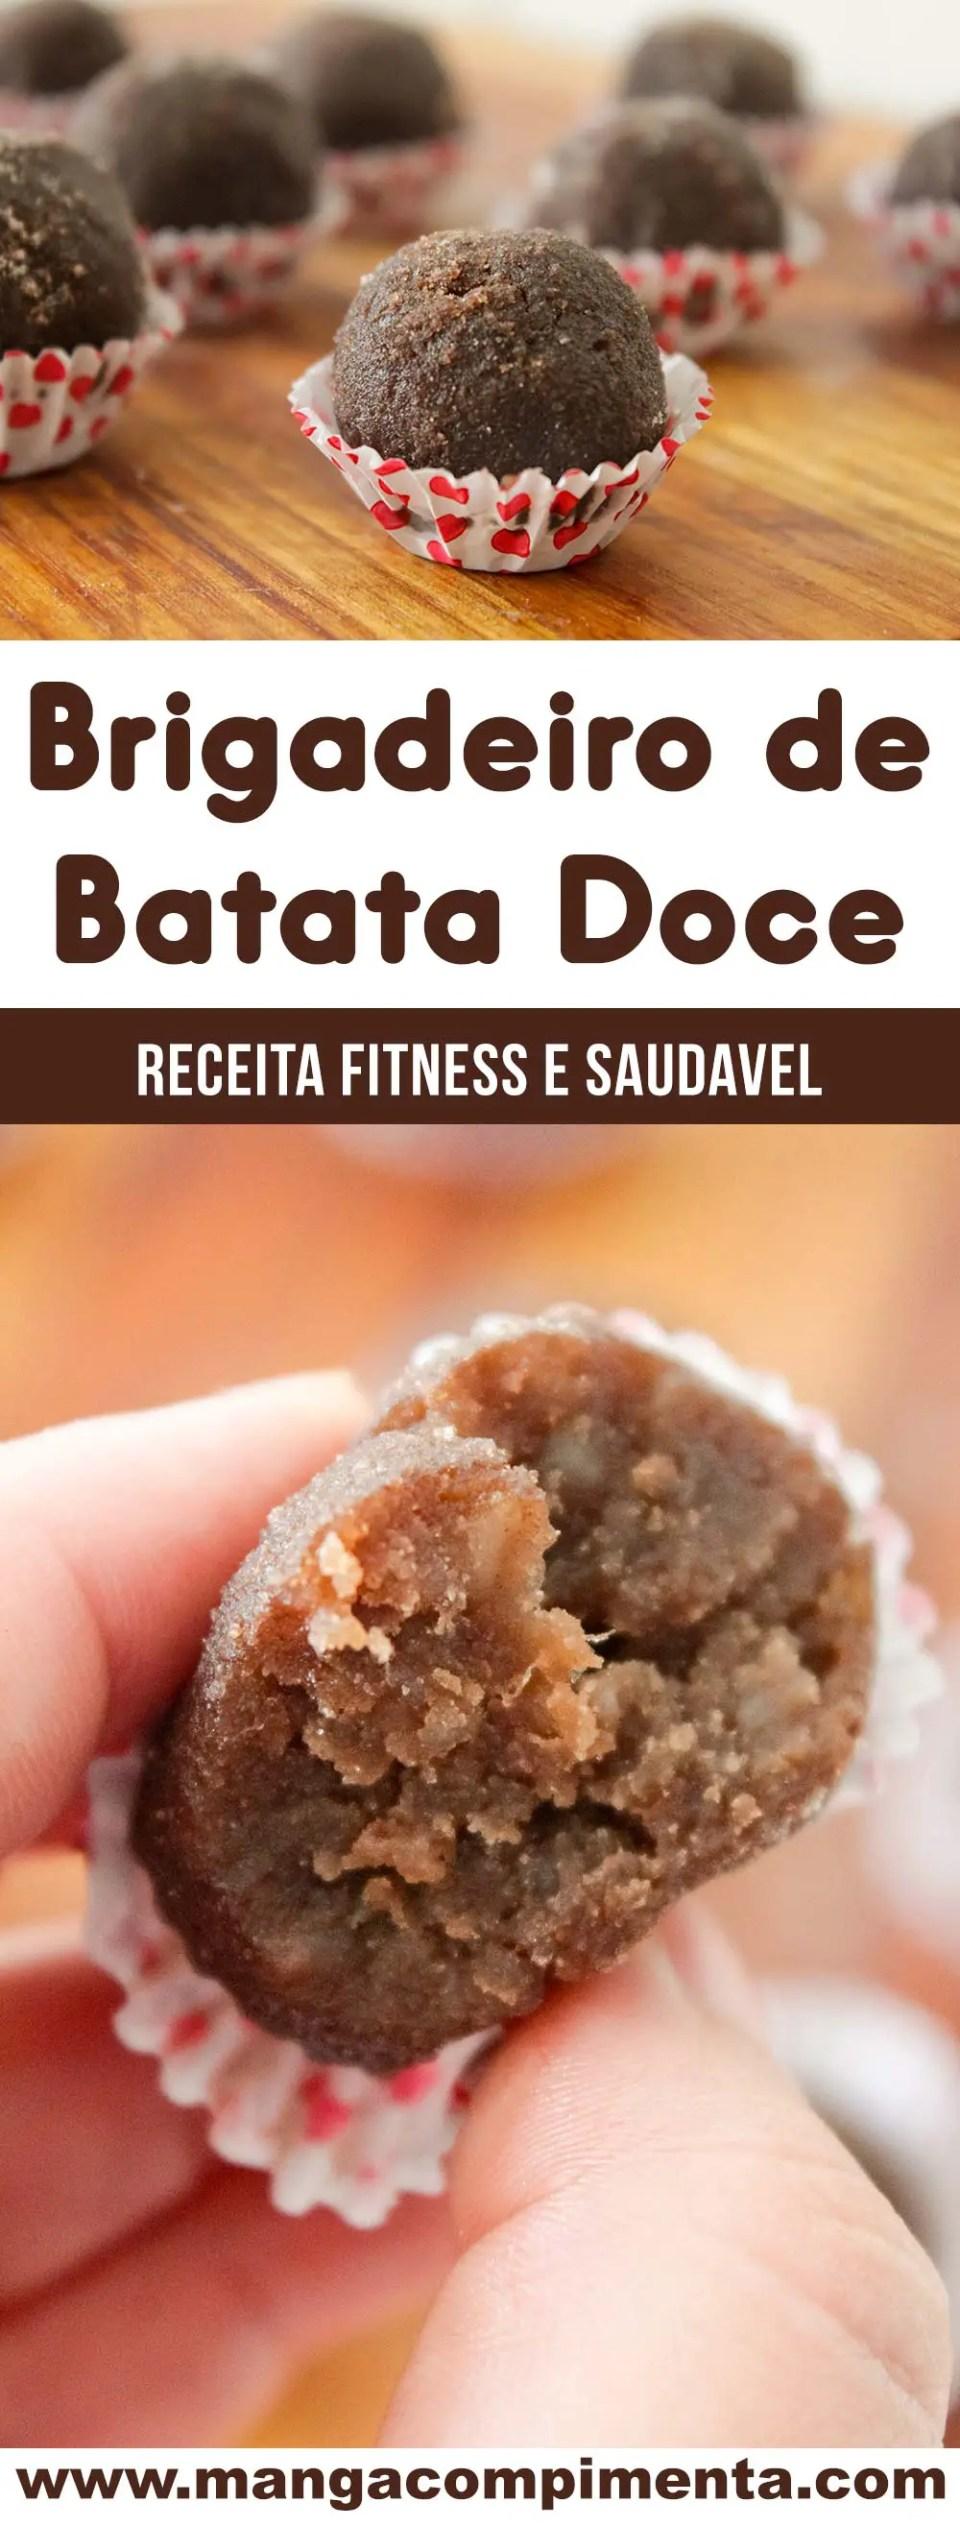 Brigadeiro de Batata Doce com Chocolate - um docinho super saudável e delicioso!